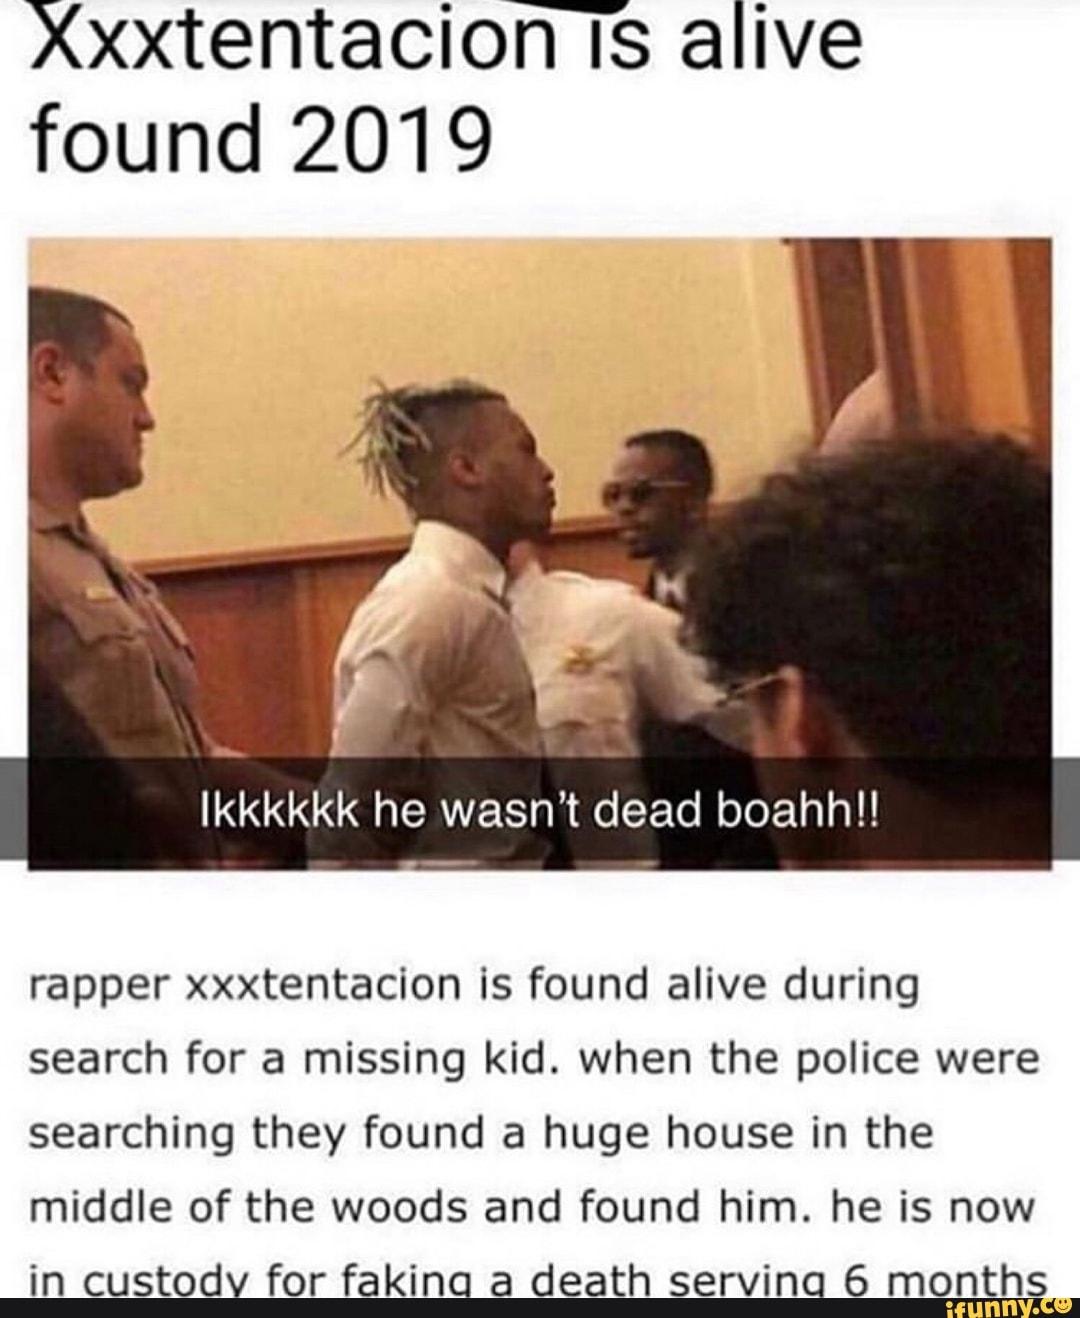 Xxxtentaciofis Alive Found 2019 Rapper Xxxtentacion Is